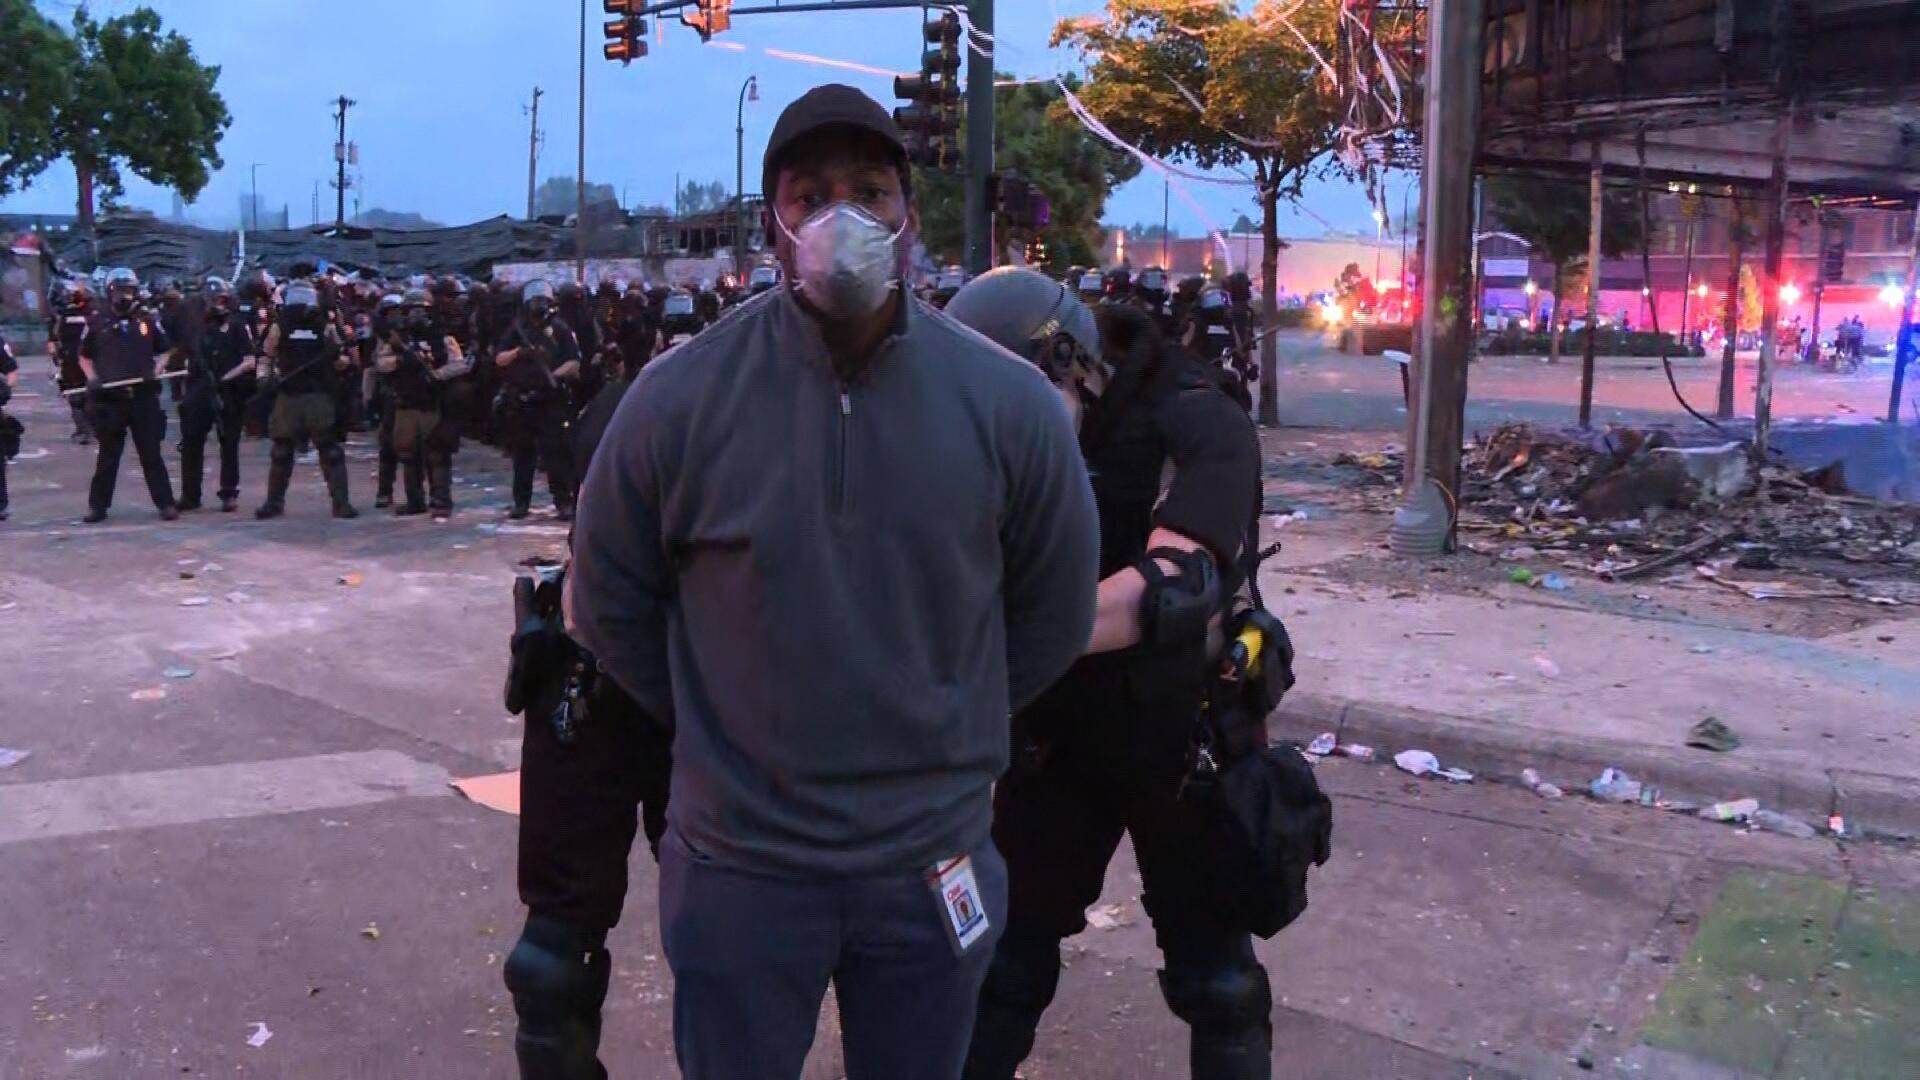 记者直播美国骚乱被警察抓后,CNN发声明:立即放人!-WordPress极简博客